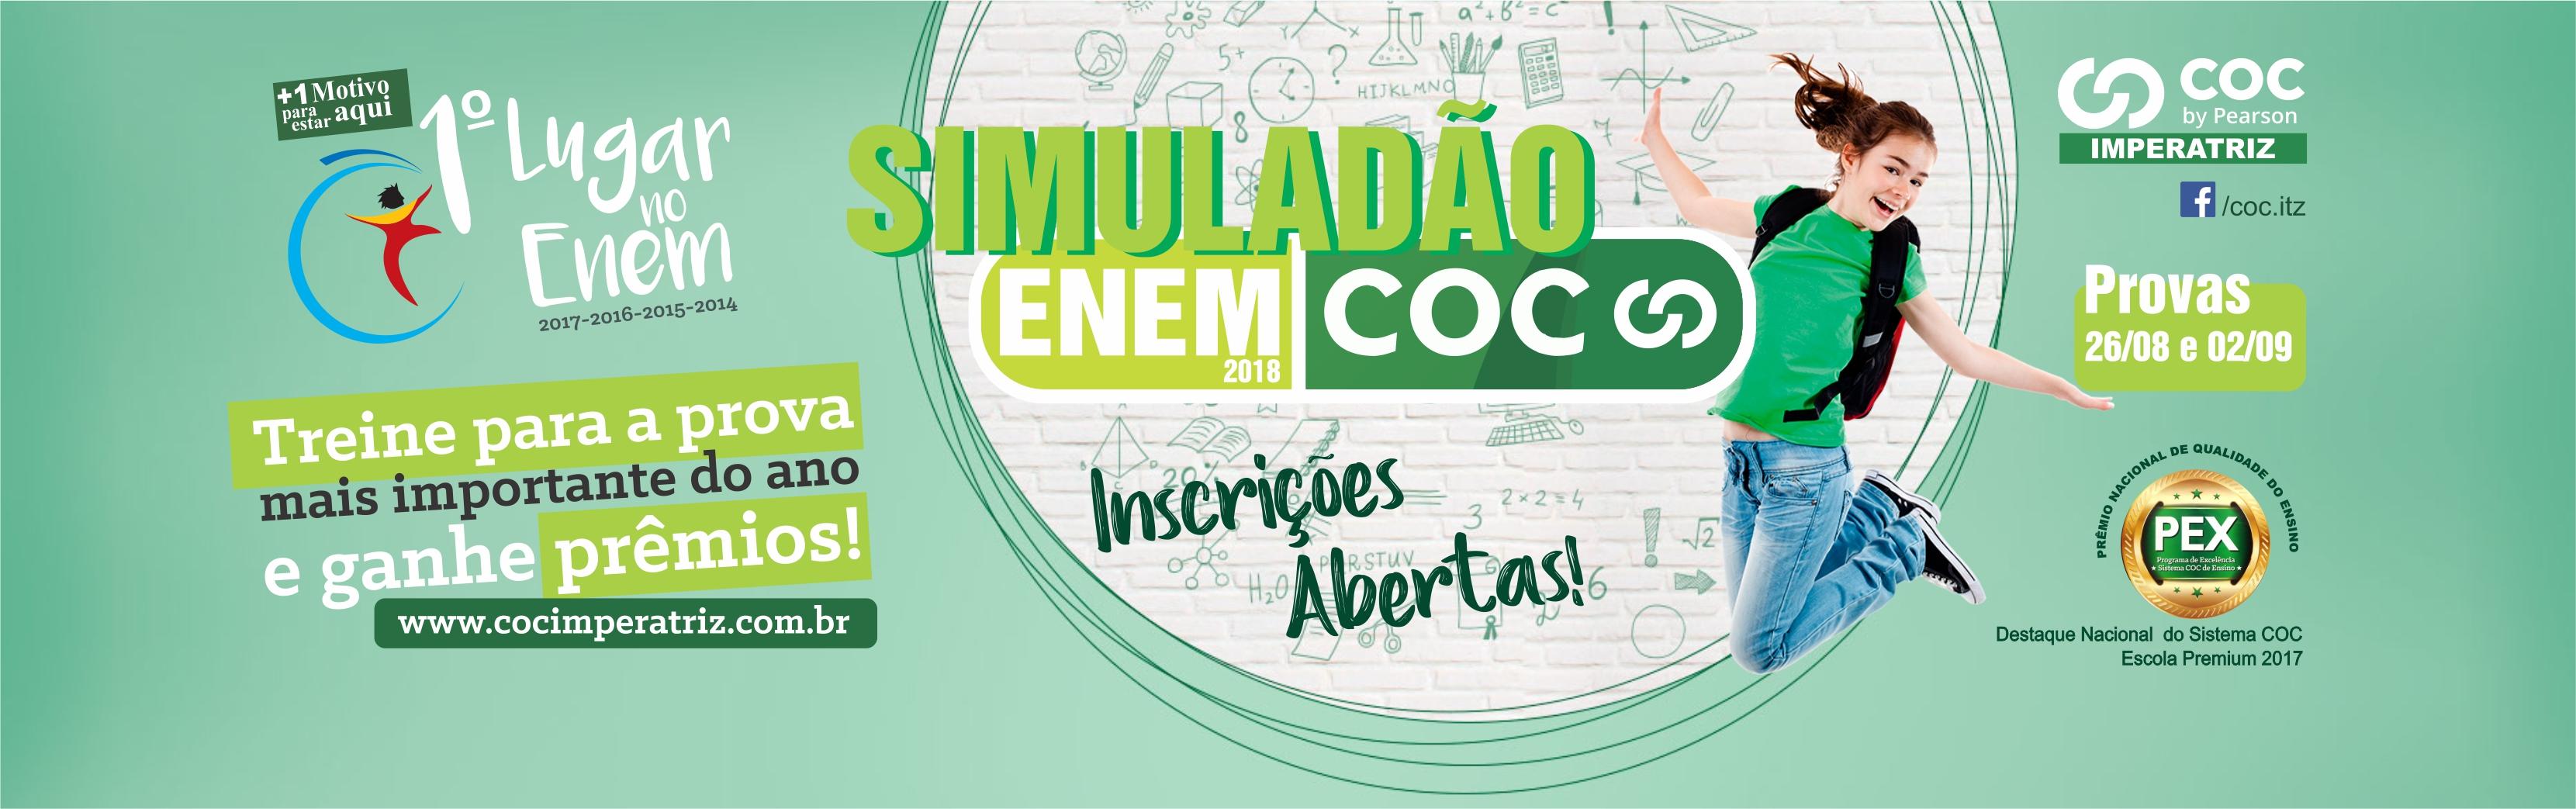 Banner-Simuladao-ENEM-2018